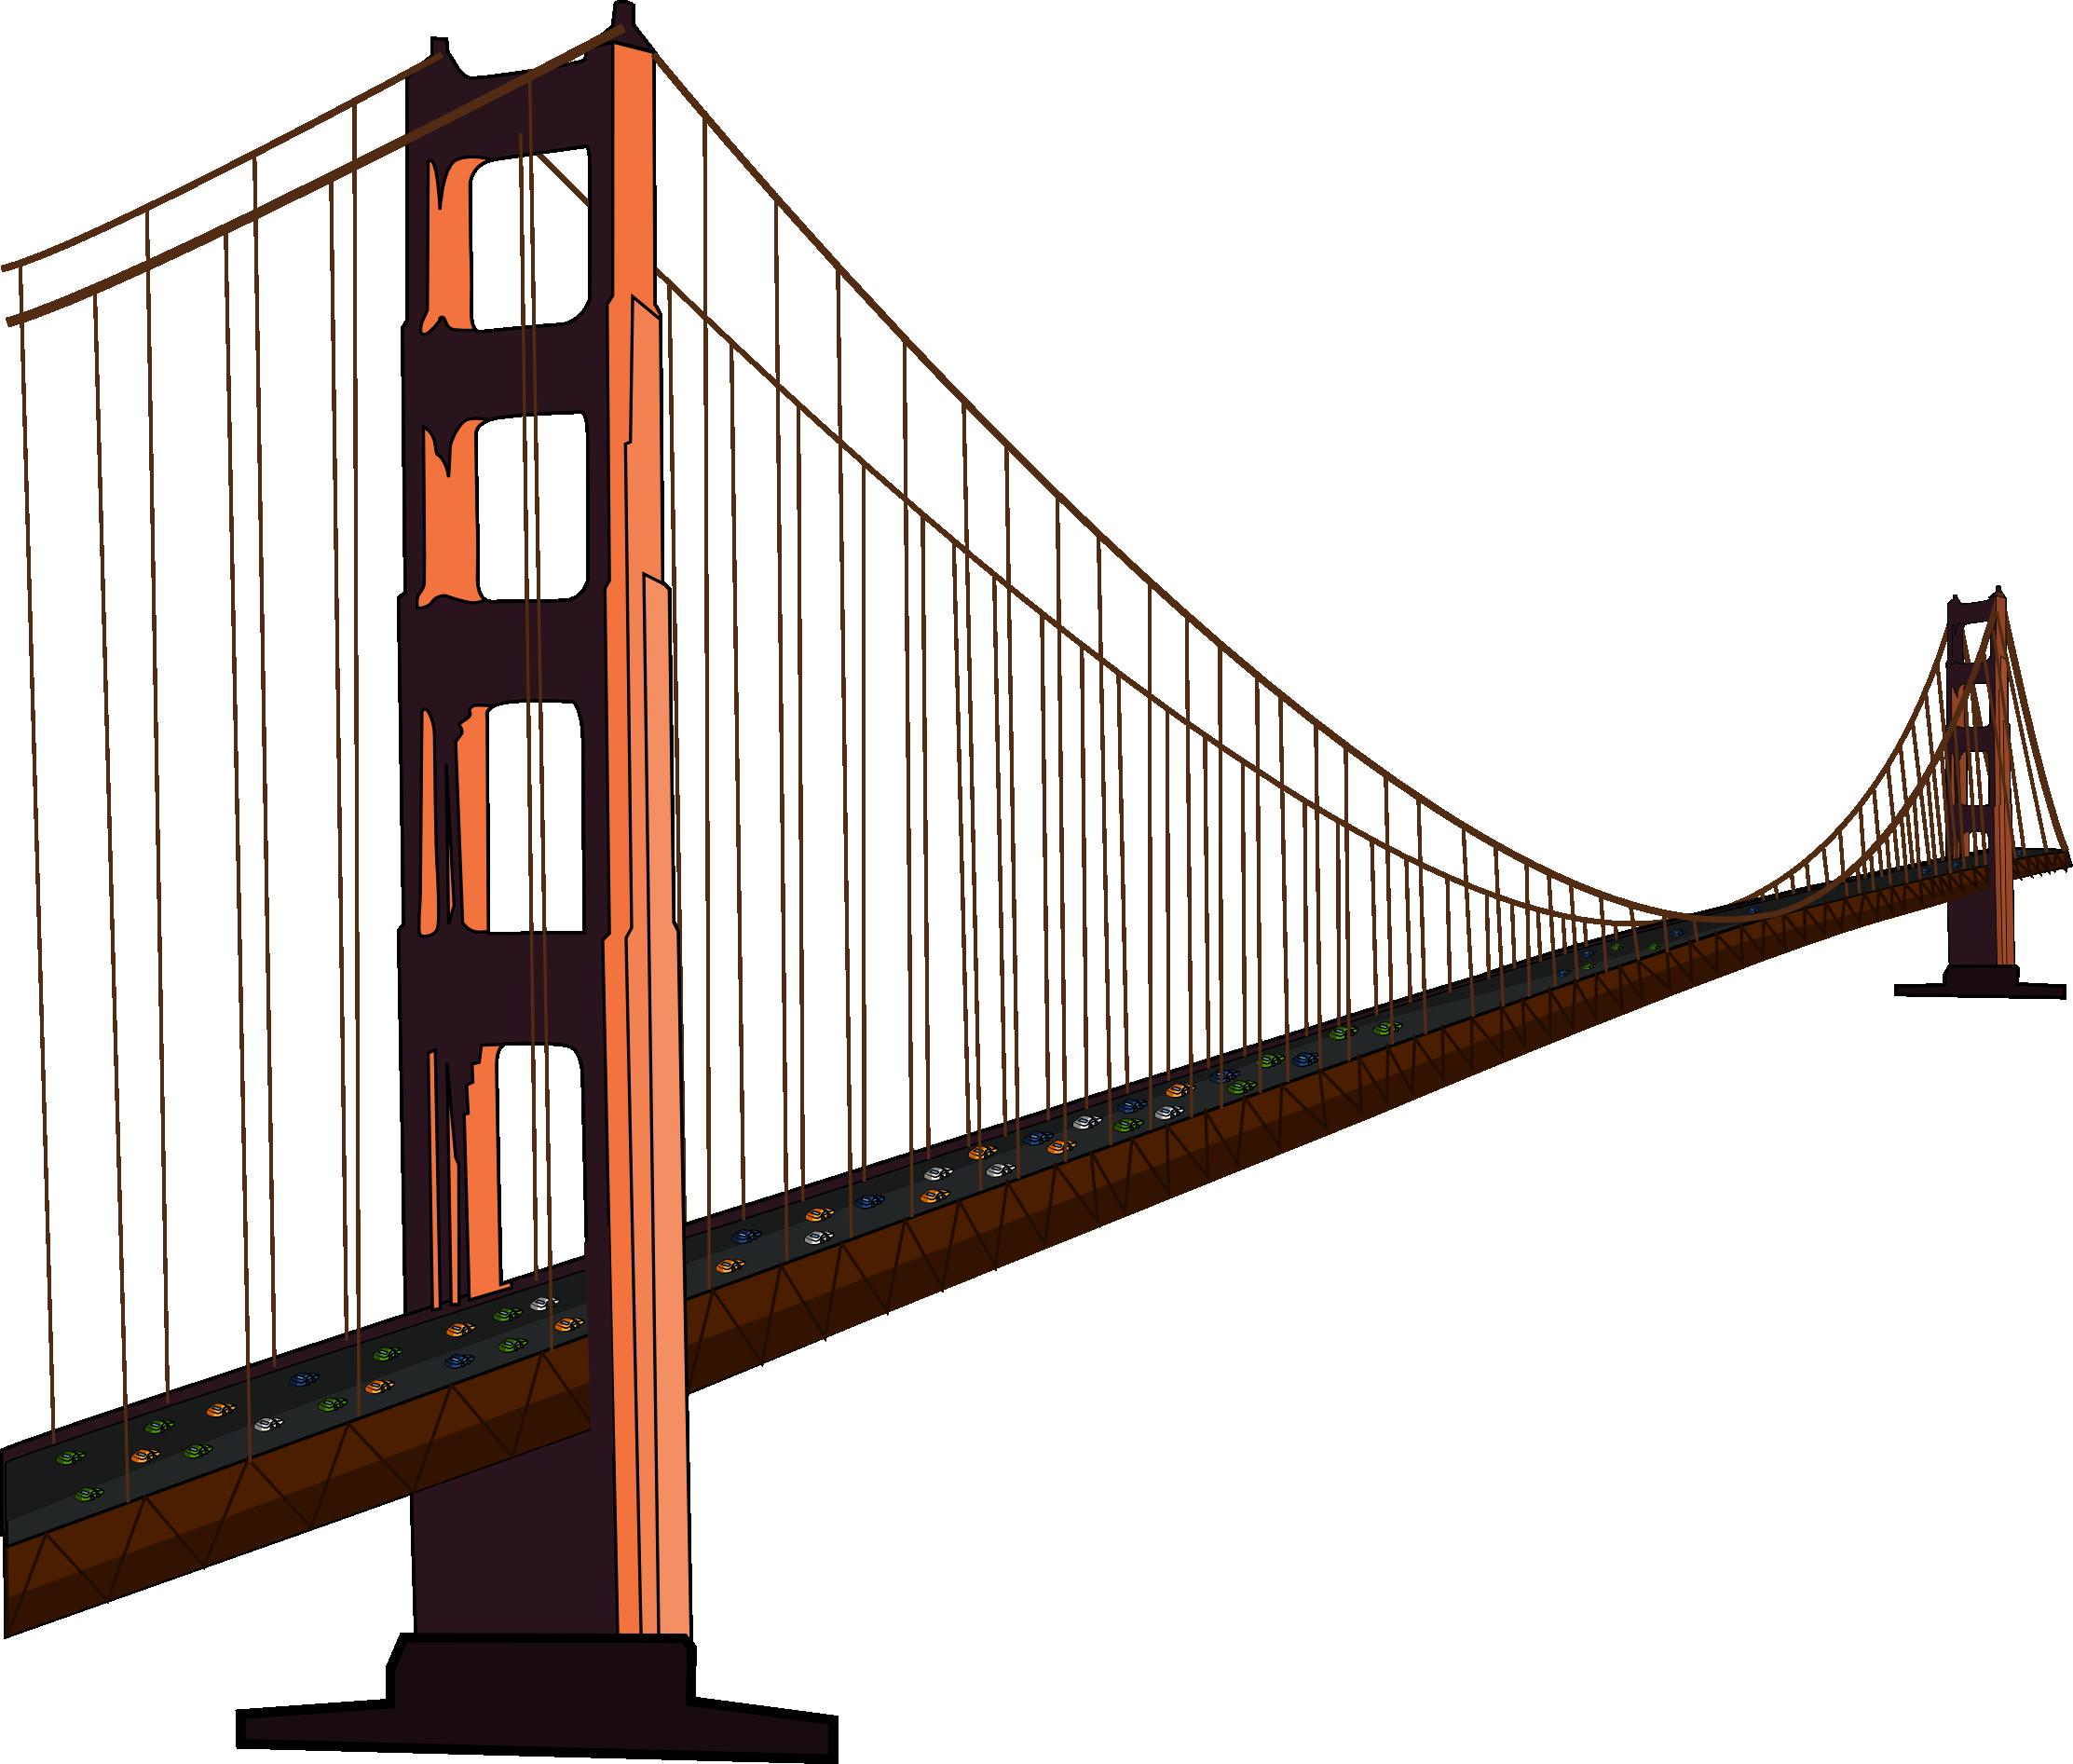 Bridge Clip Art Free - Bridges PNG HD